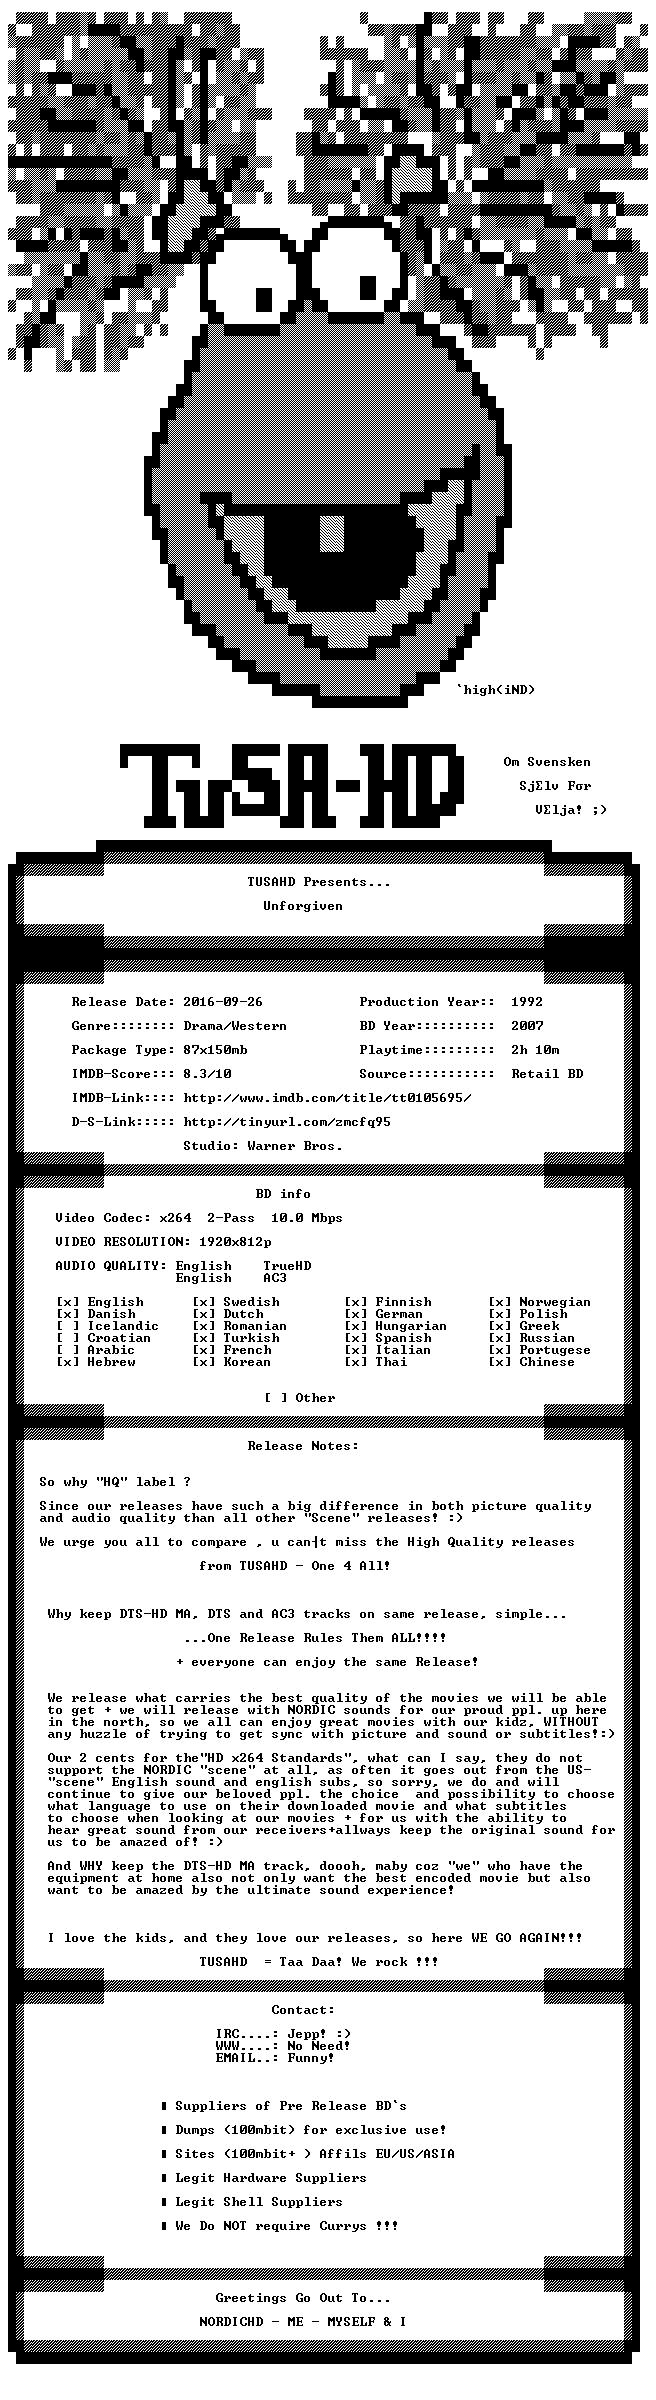 Unforgiven 1992 TrueHD AC3 MULTISUBS 1080p BluRay x264 HQ-TUSAHD